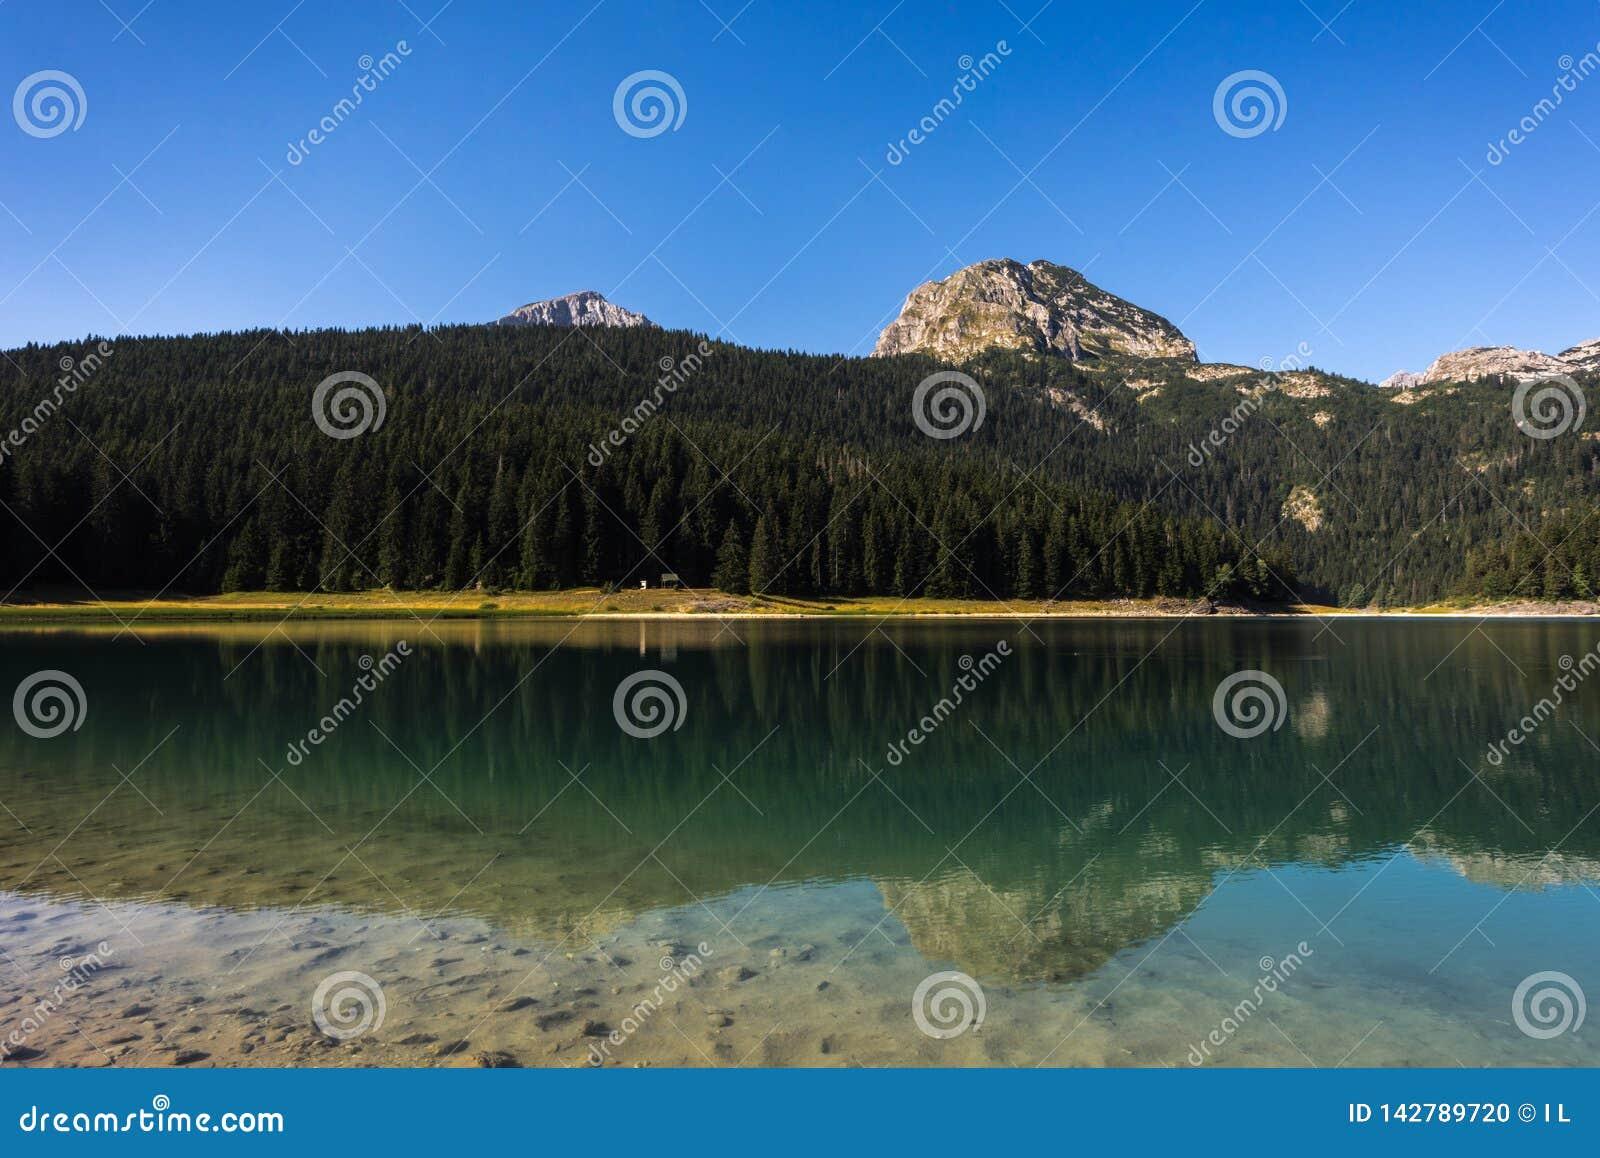 Lago preto - lago 'jezero mountain de Crno 'com pico e reflexões de Meded na água clara